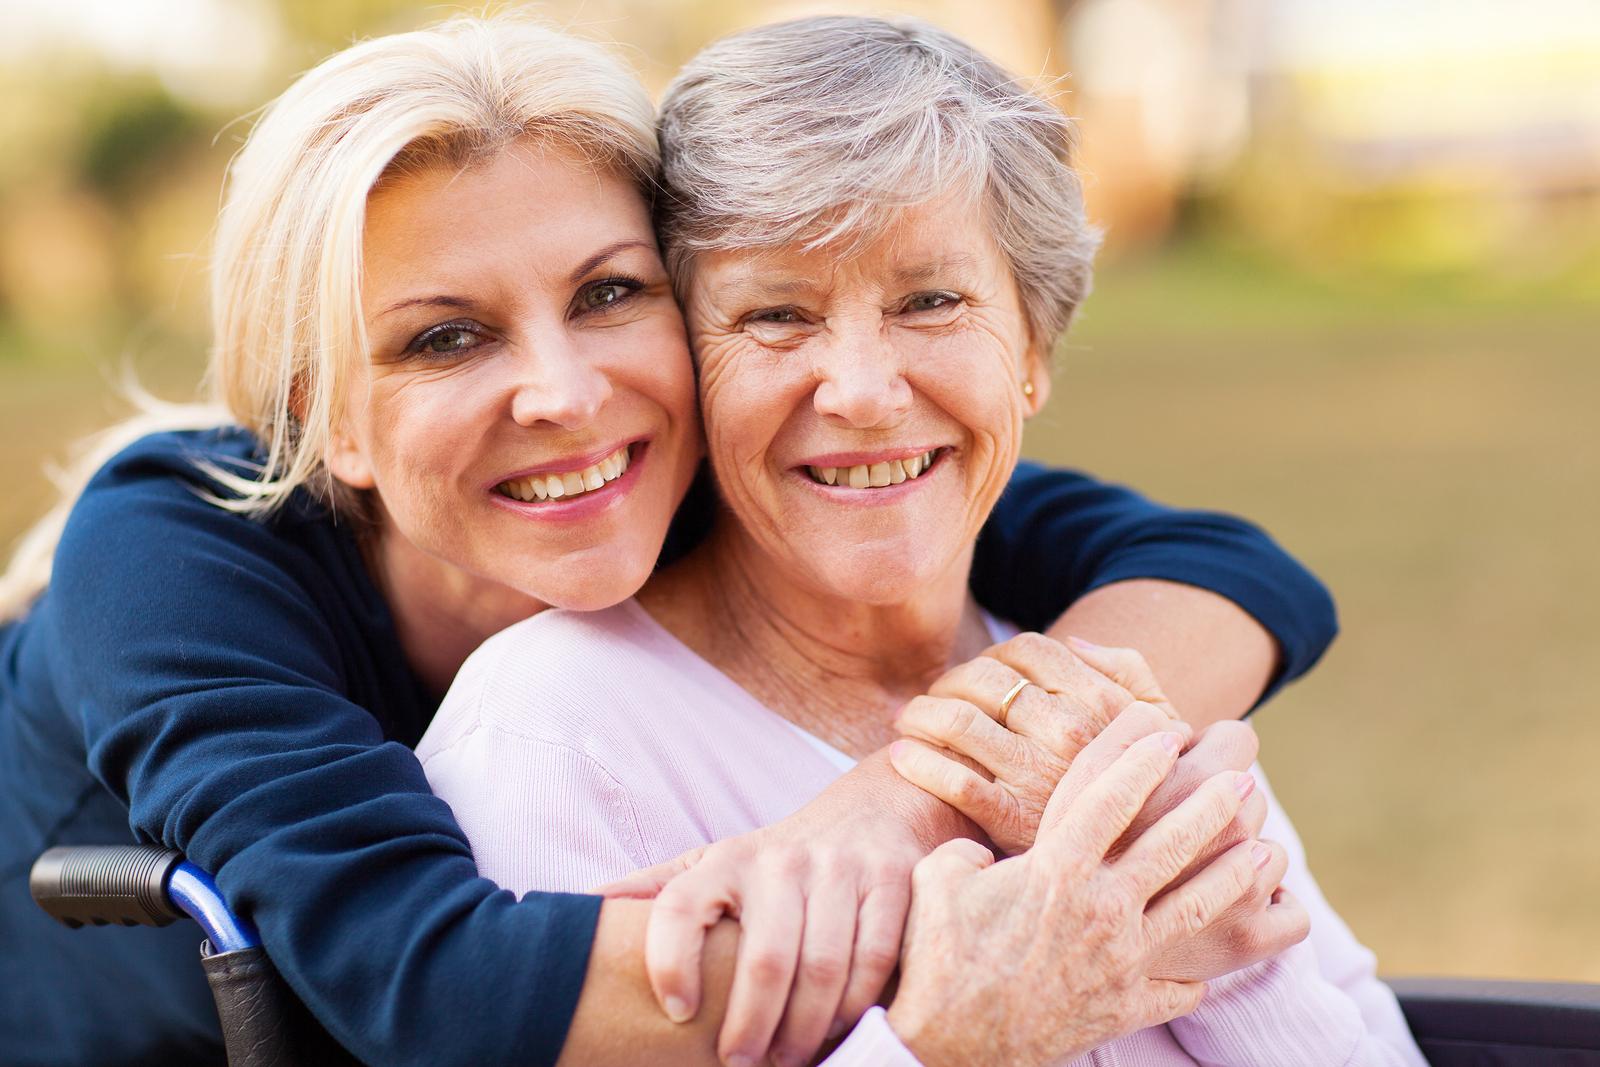 senior home care caregiver - roanoke va - companion home care inc